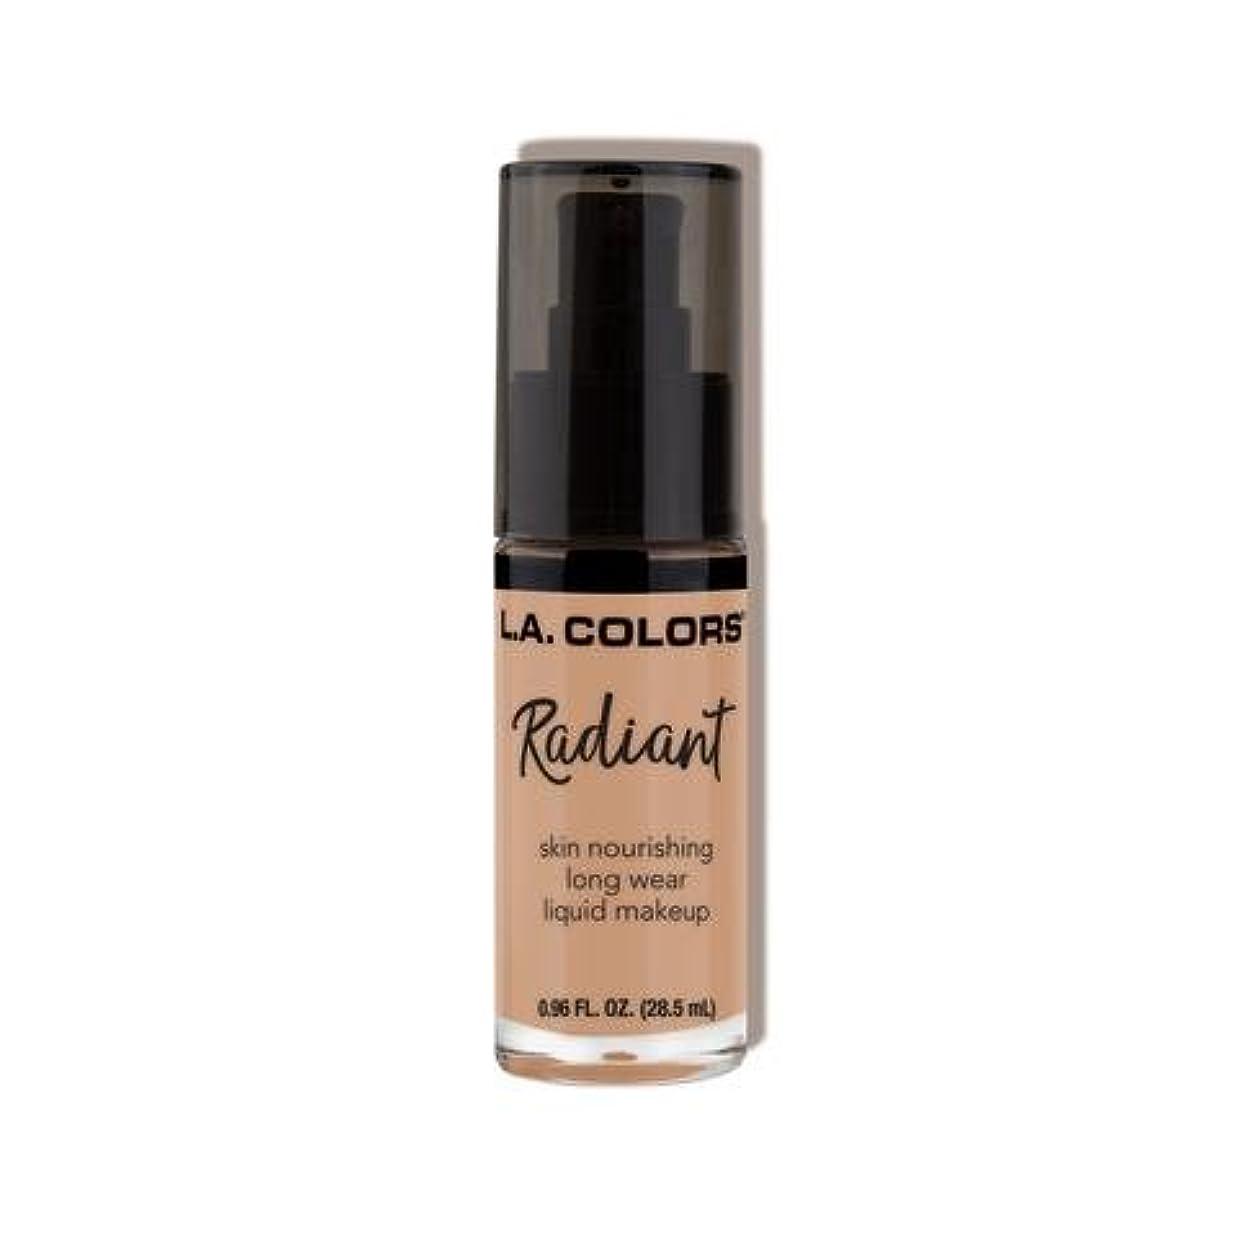 数学的なに向かって有効(3 Pack) L.A. COLORS Radiant Liquid Makeup - Medium Tan (並行輸入品)